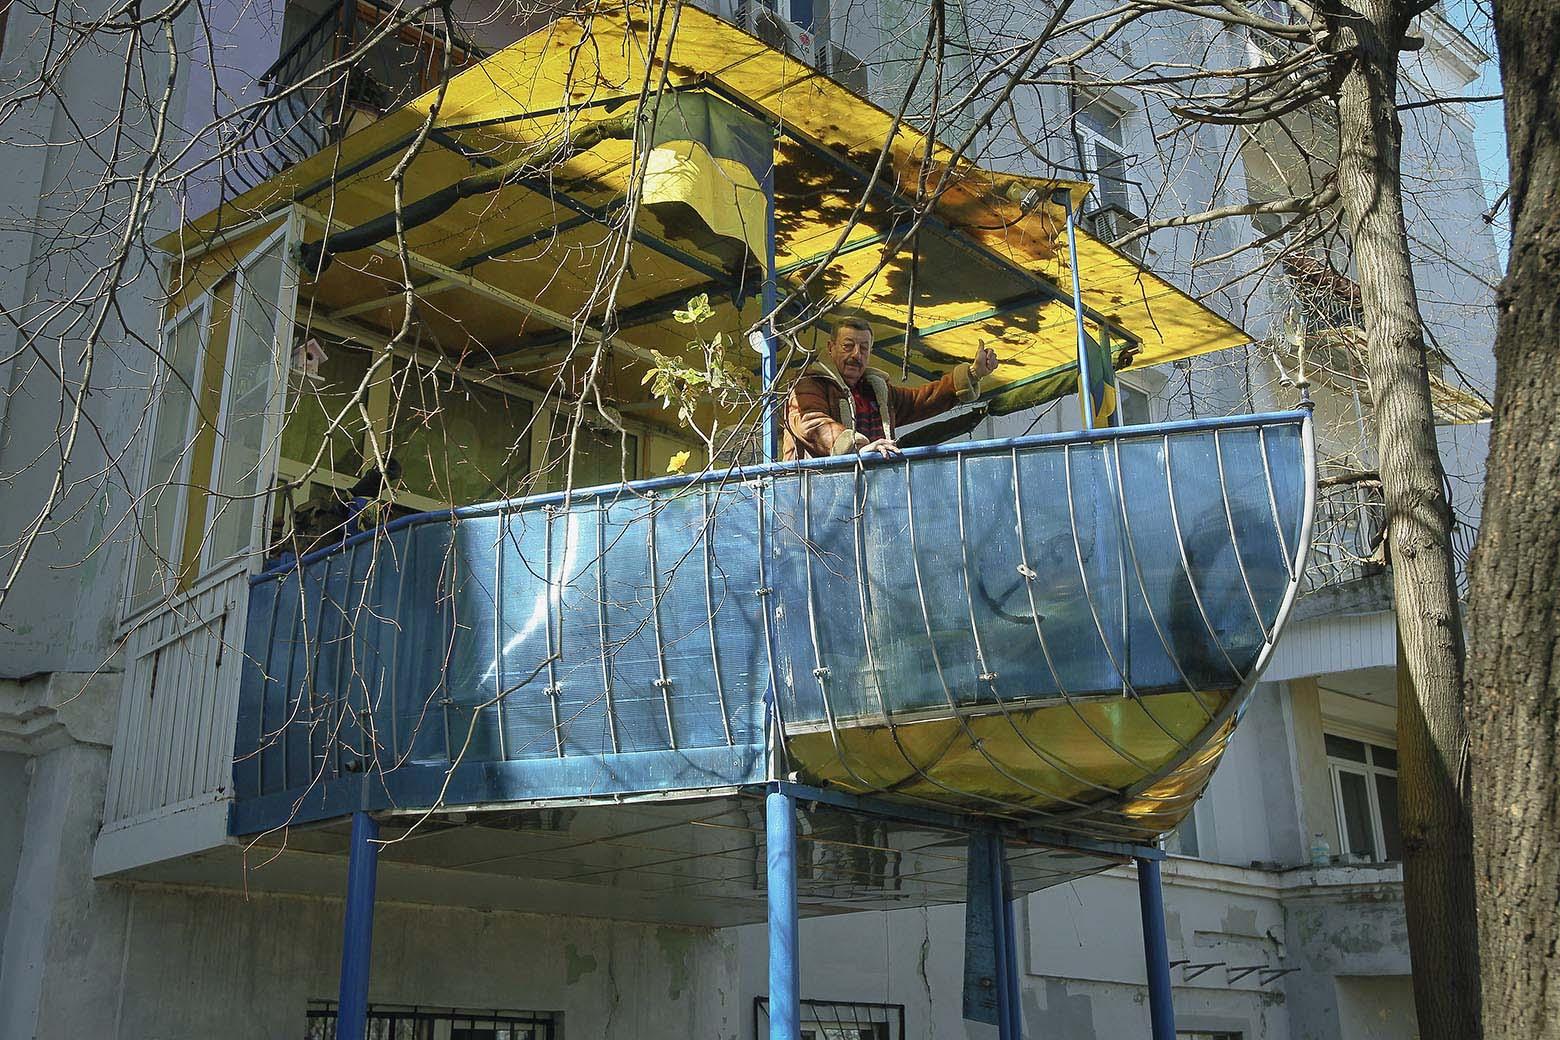 Фотография фотография про балкон из раздела жанр 6503521 - ф.